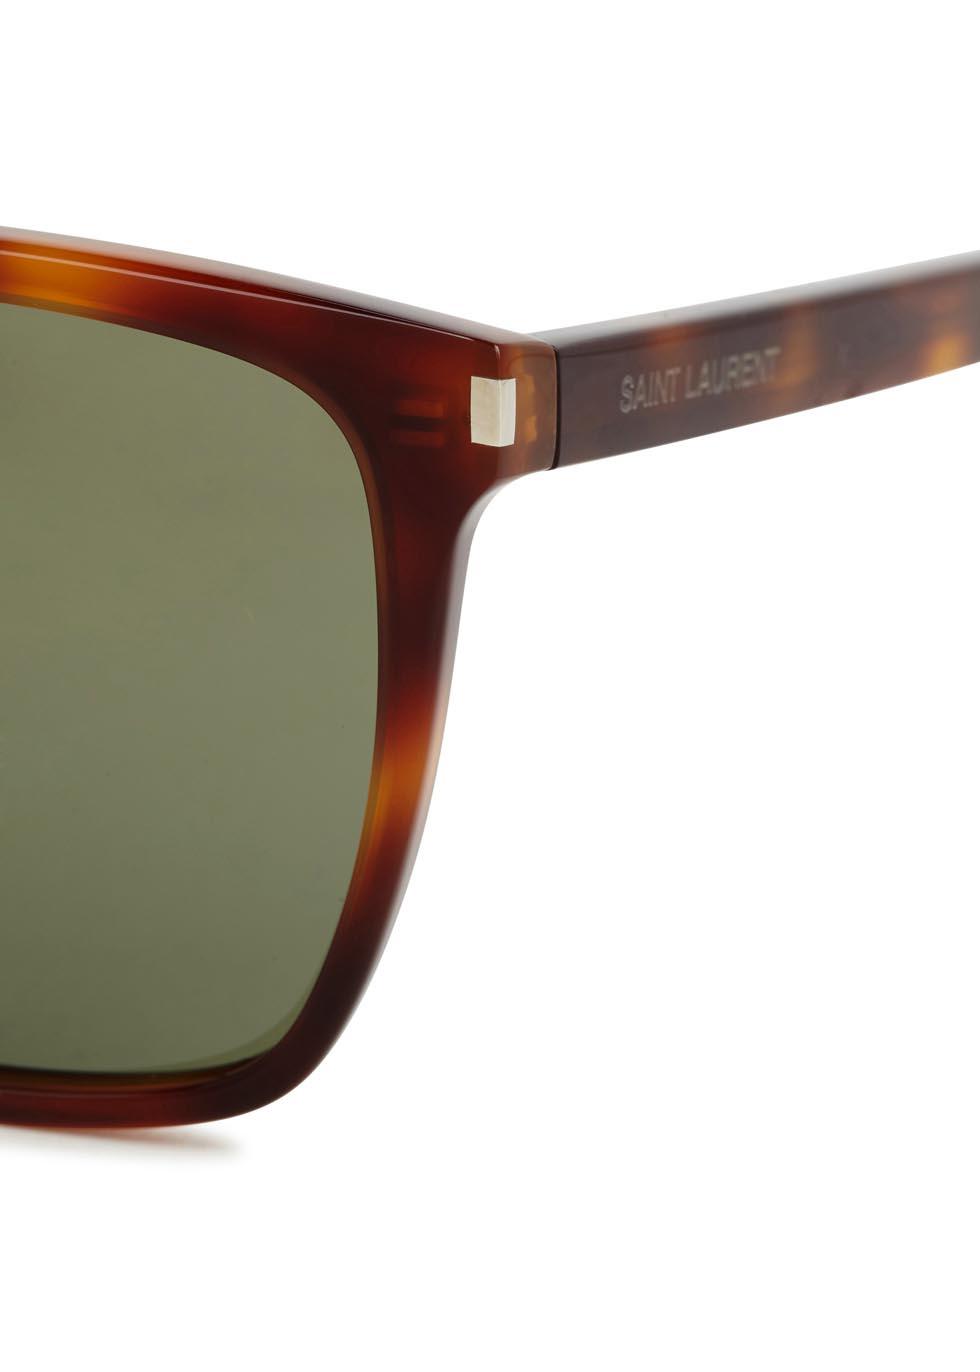 SL 93 tortoiseshell square-frame sunglasses - Saint Laurent